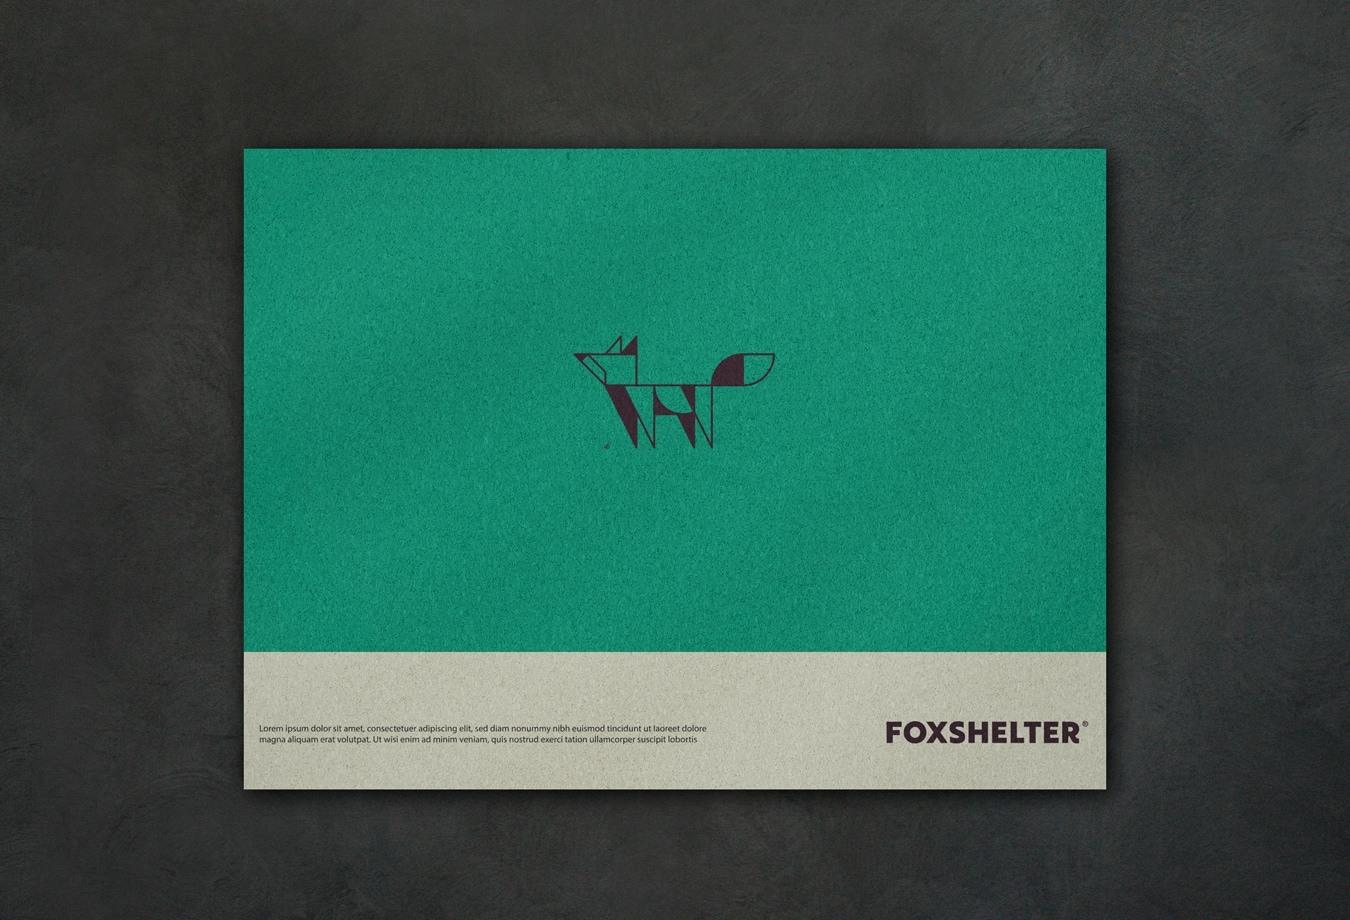 10-foxshelter-visualidentity